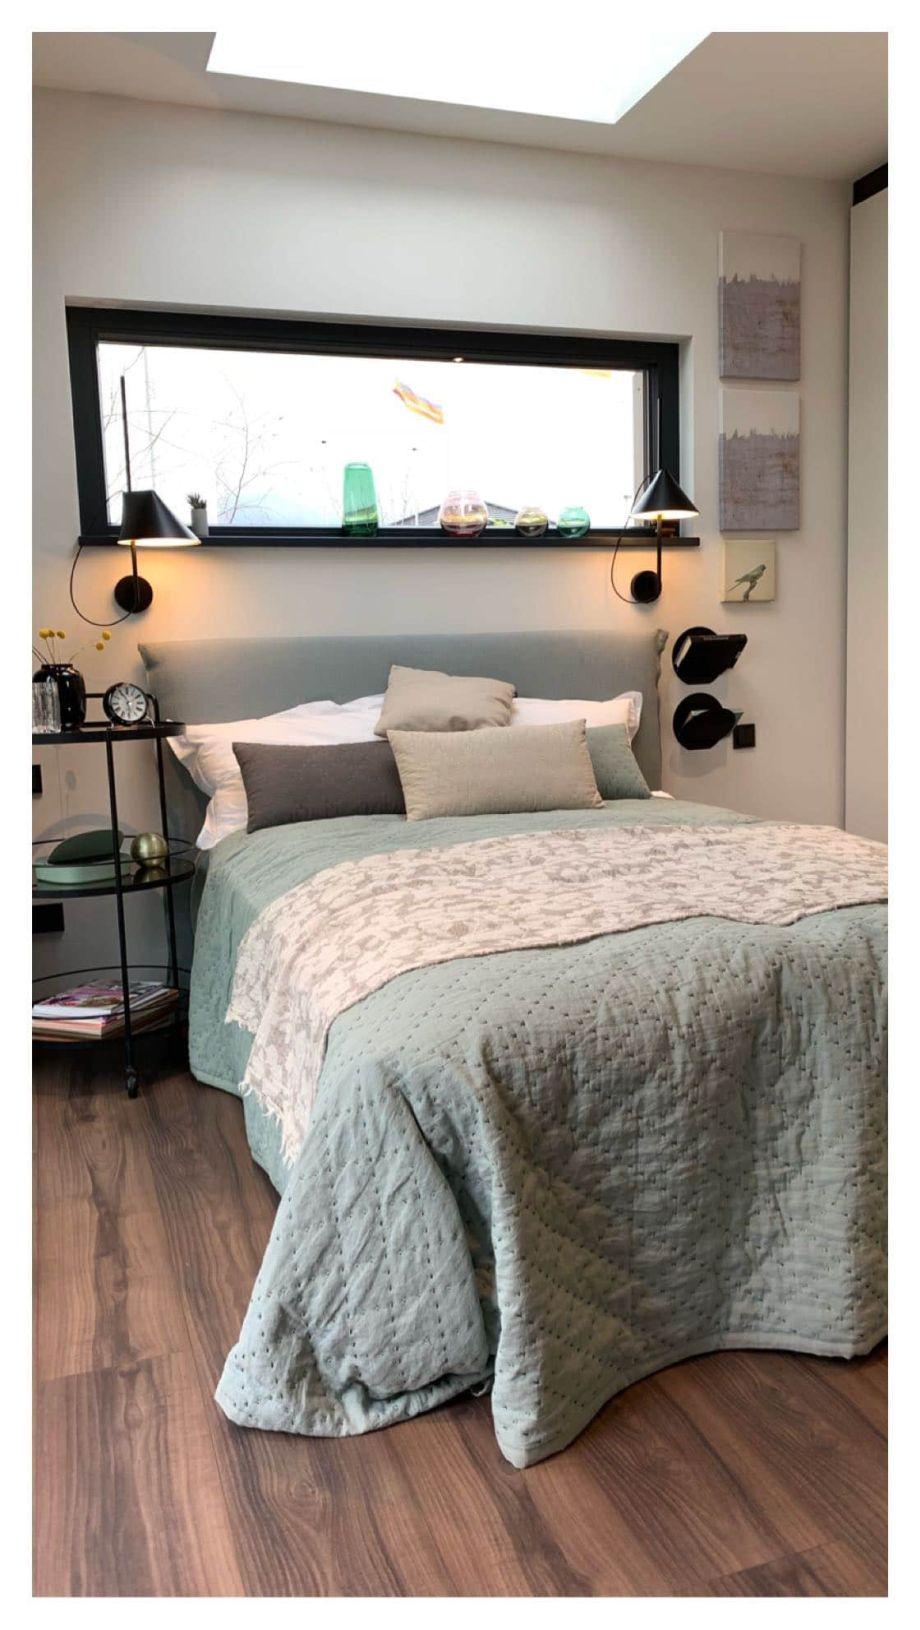 tipps und grundregeln f r einrichtung und deko von kleinen wohnr umen. Black Bedroom Furniture Sets. Home Design Ideas